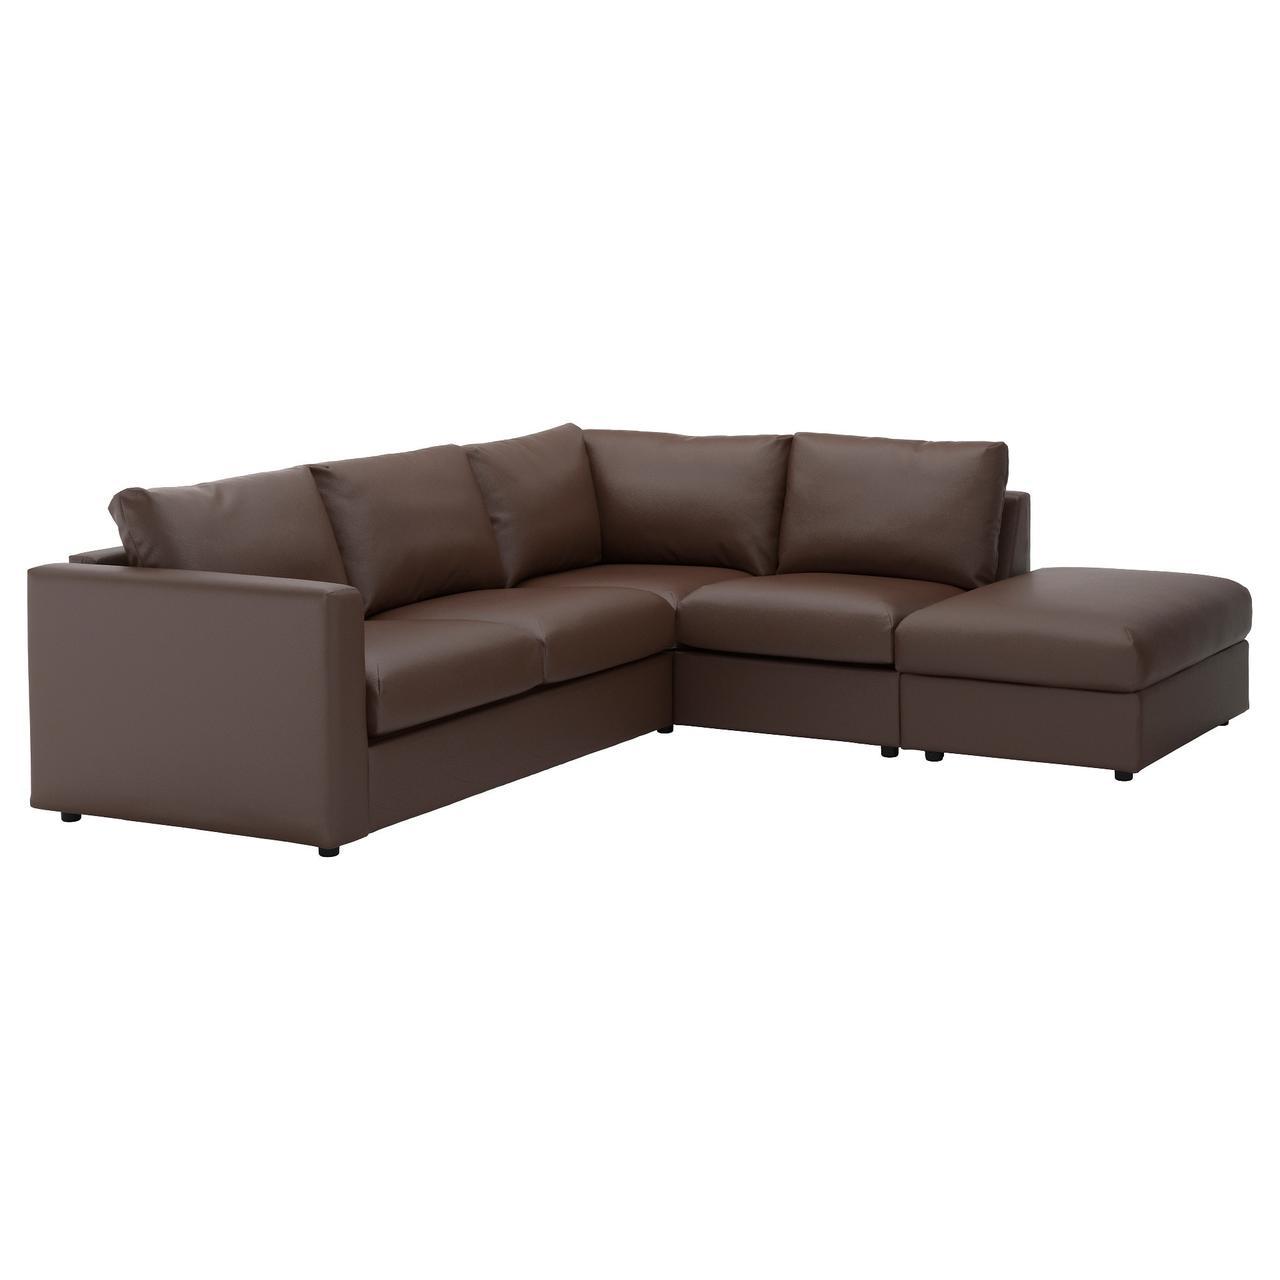 ВИМЛЕ 4-местный угловой диван, с открытым торцом, Фарста черный